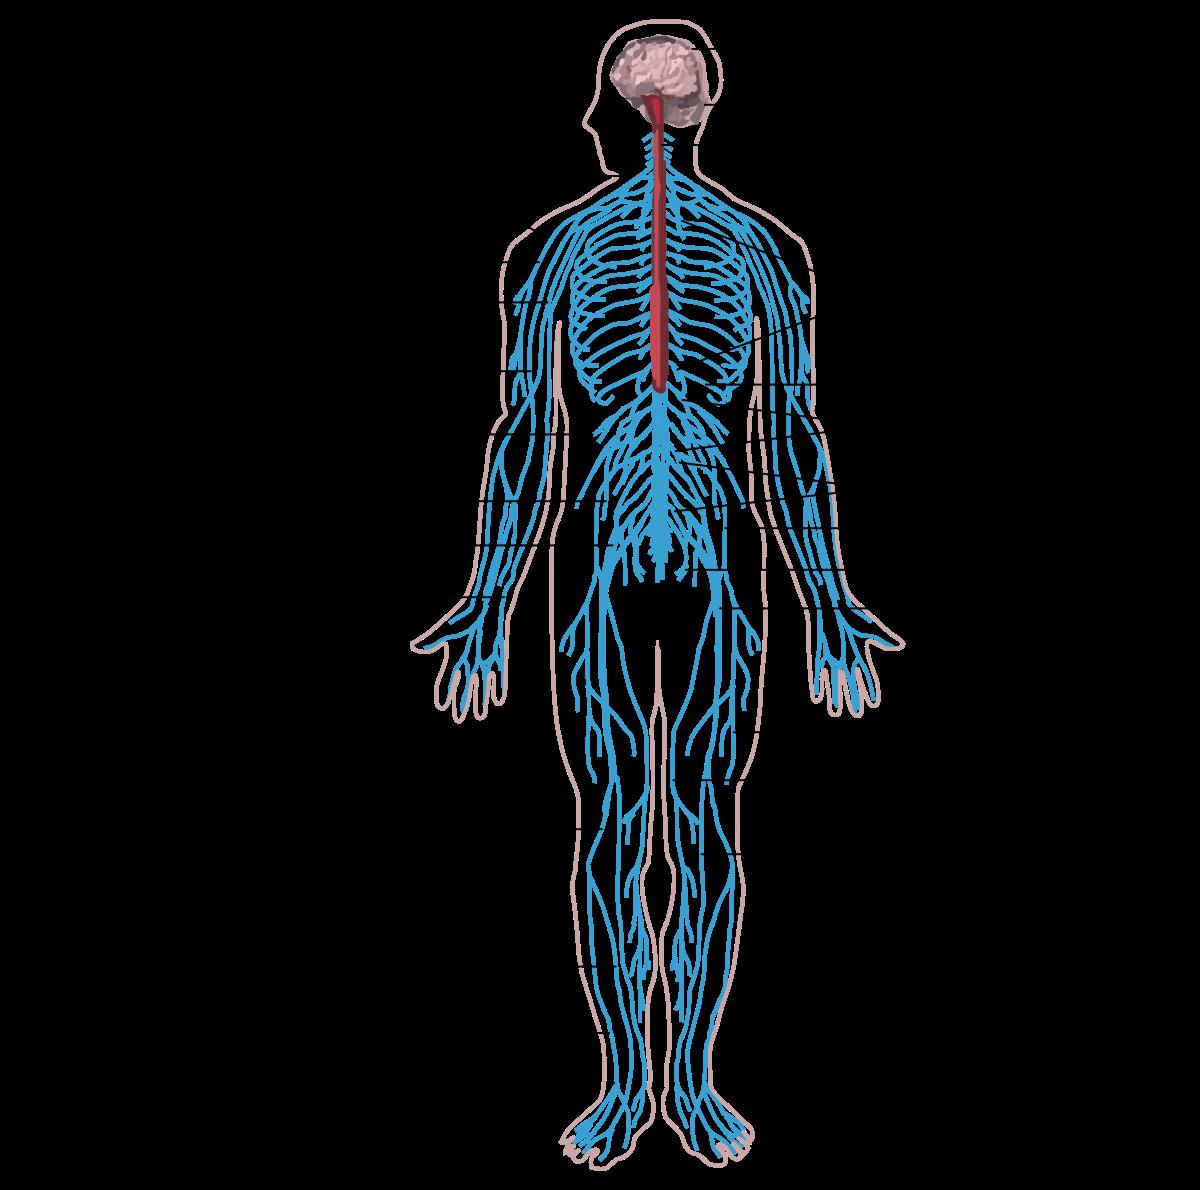 Paraziták érzése az emberi test kezelésében, A leggyakoribb élősködők a testünkben - HáziPatika